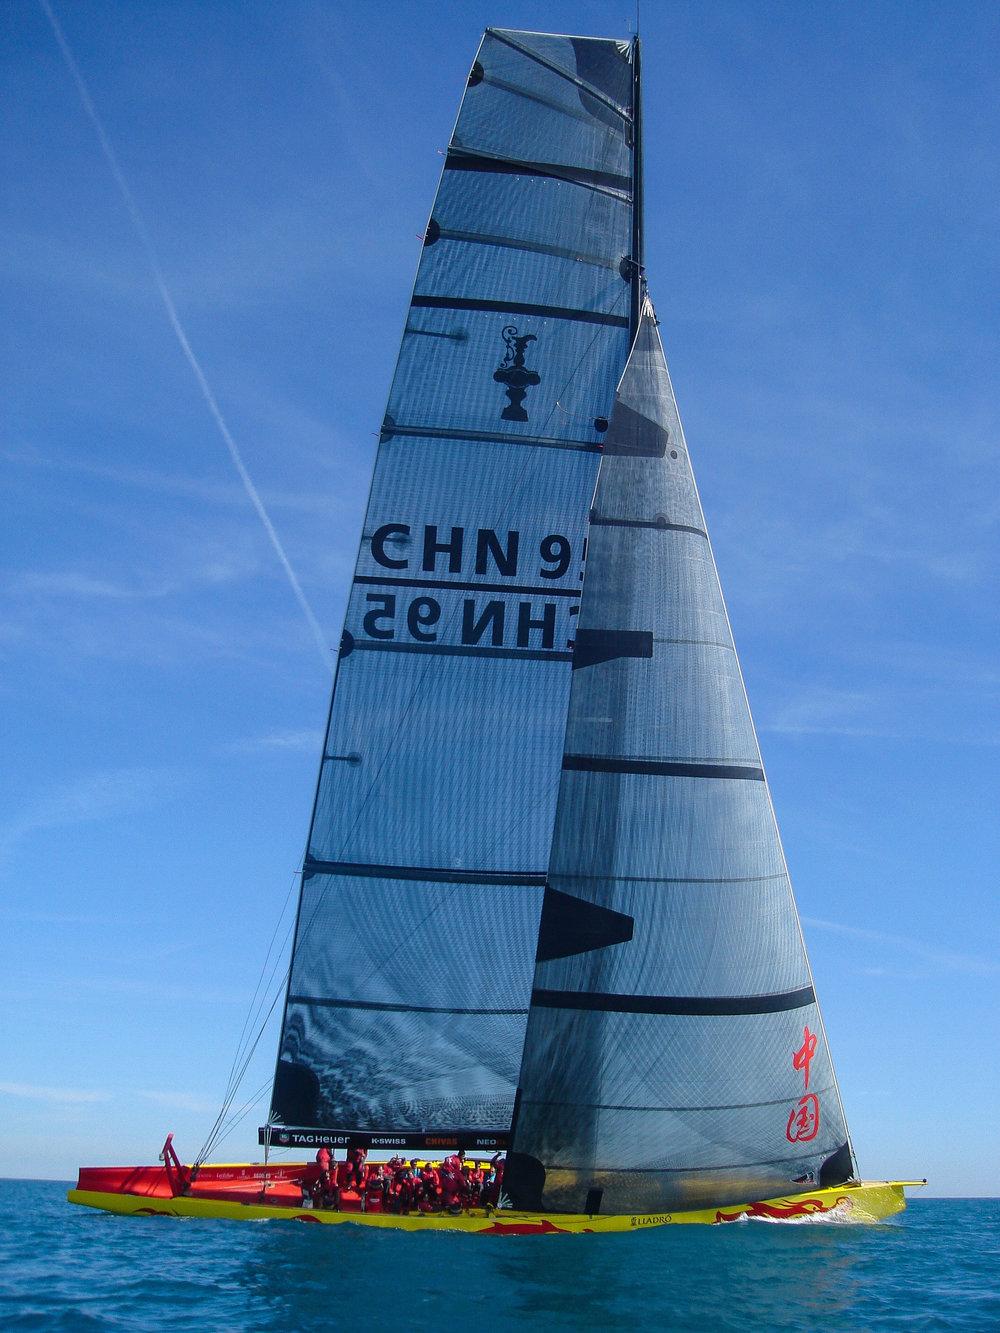 UK Sailmakers Square Top Mainsail 1 China Team CHN 95 2.jpg